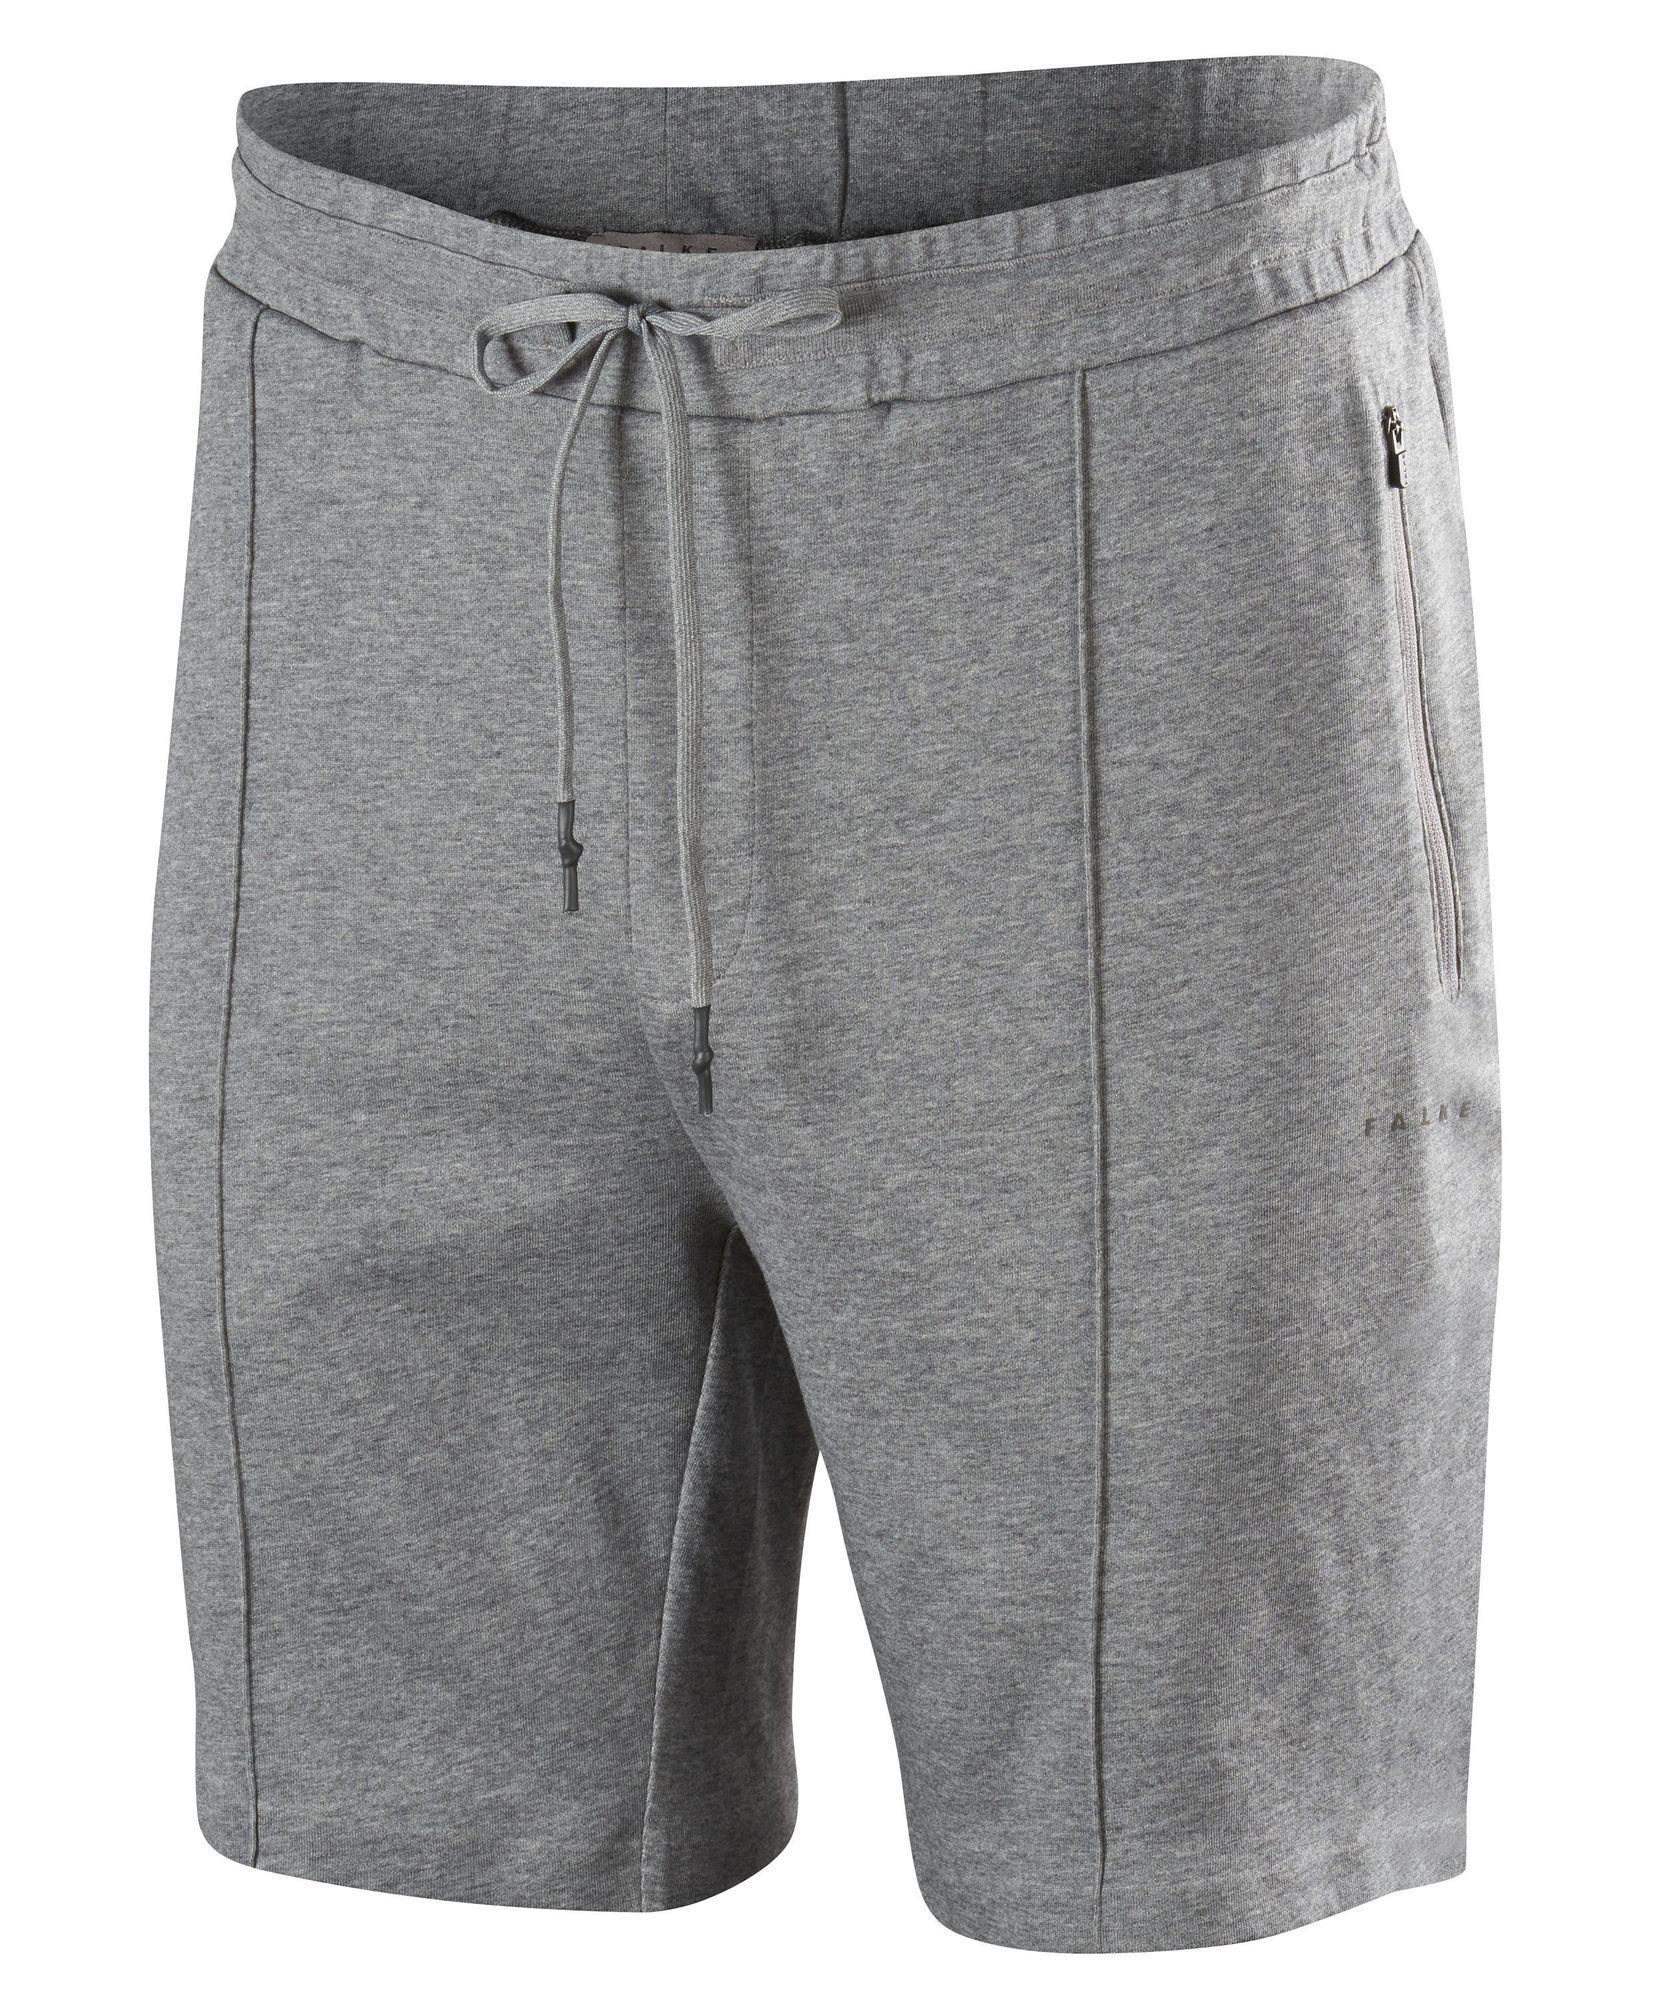 Falke Sweat Shorts in Grau